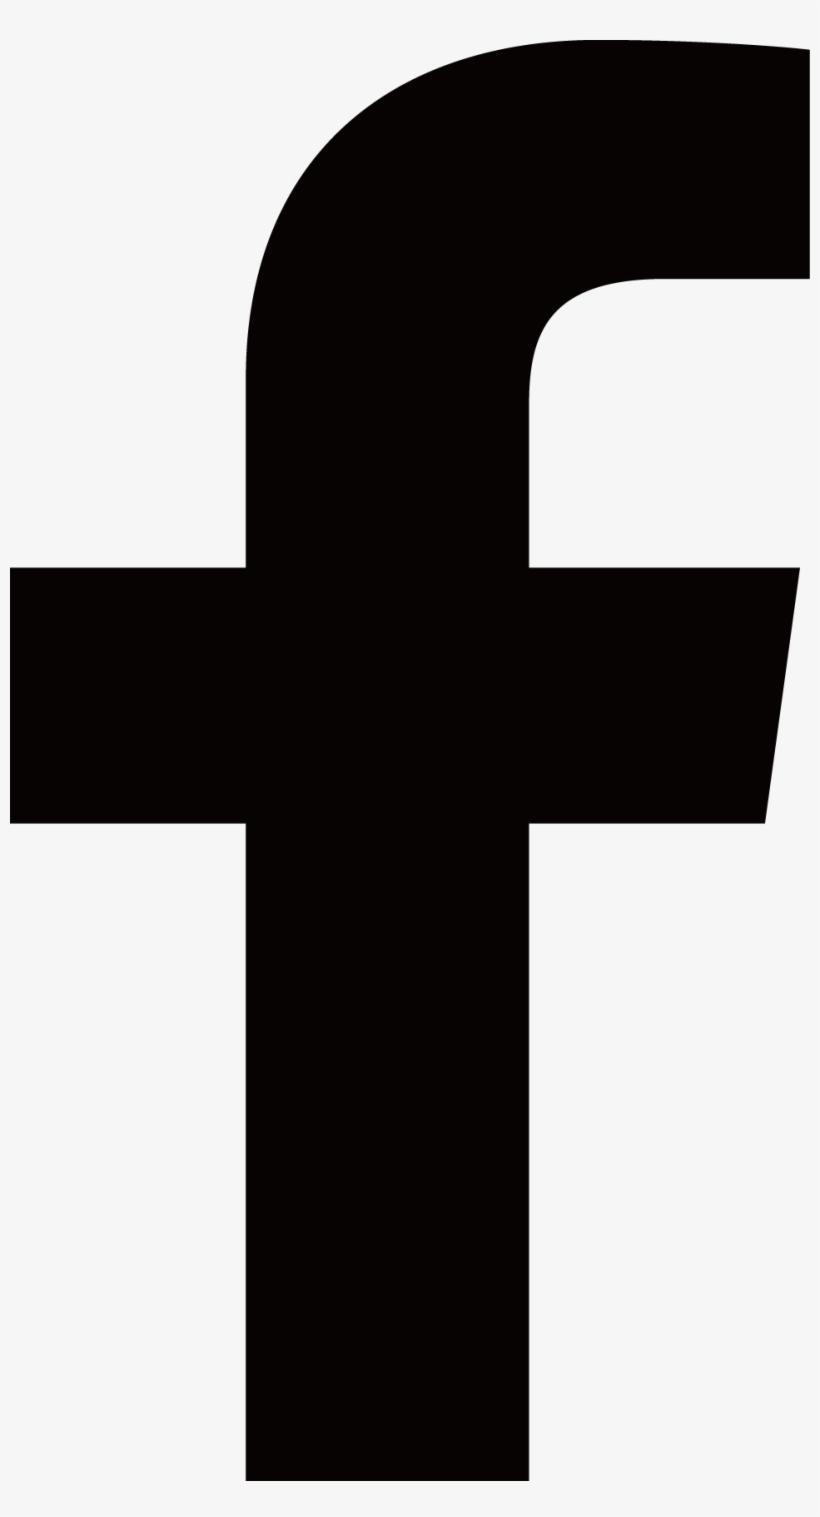 facebook logo icon download